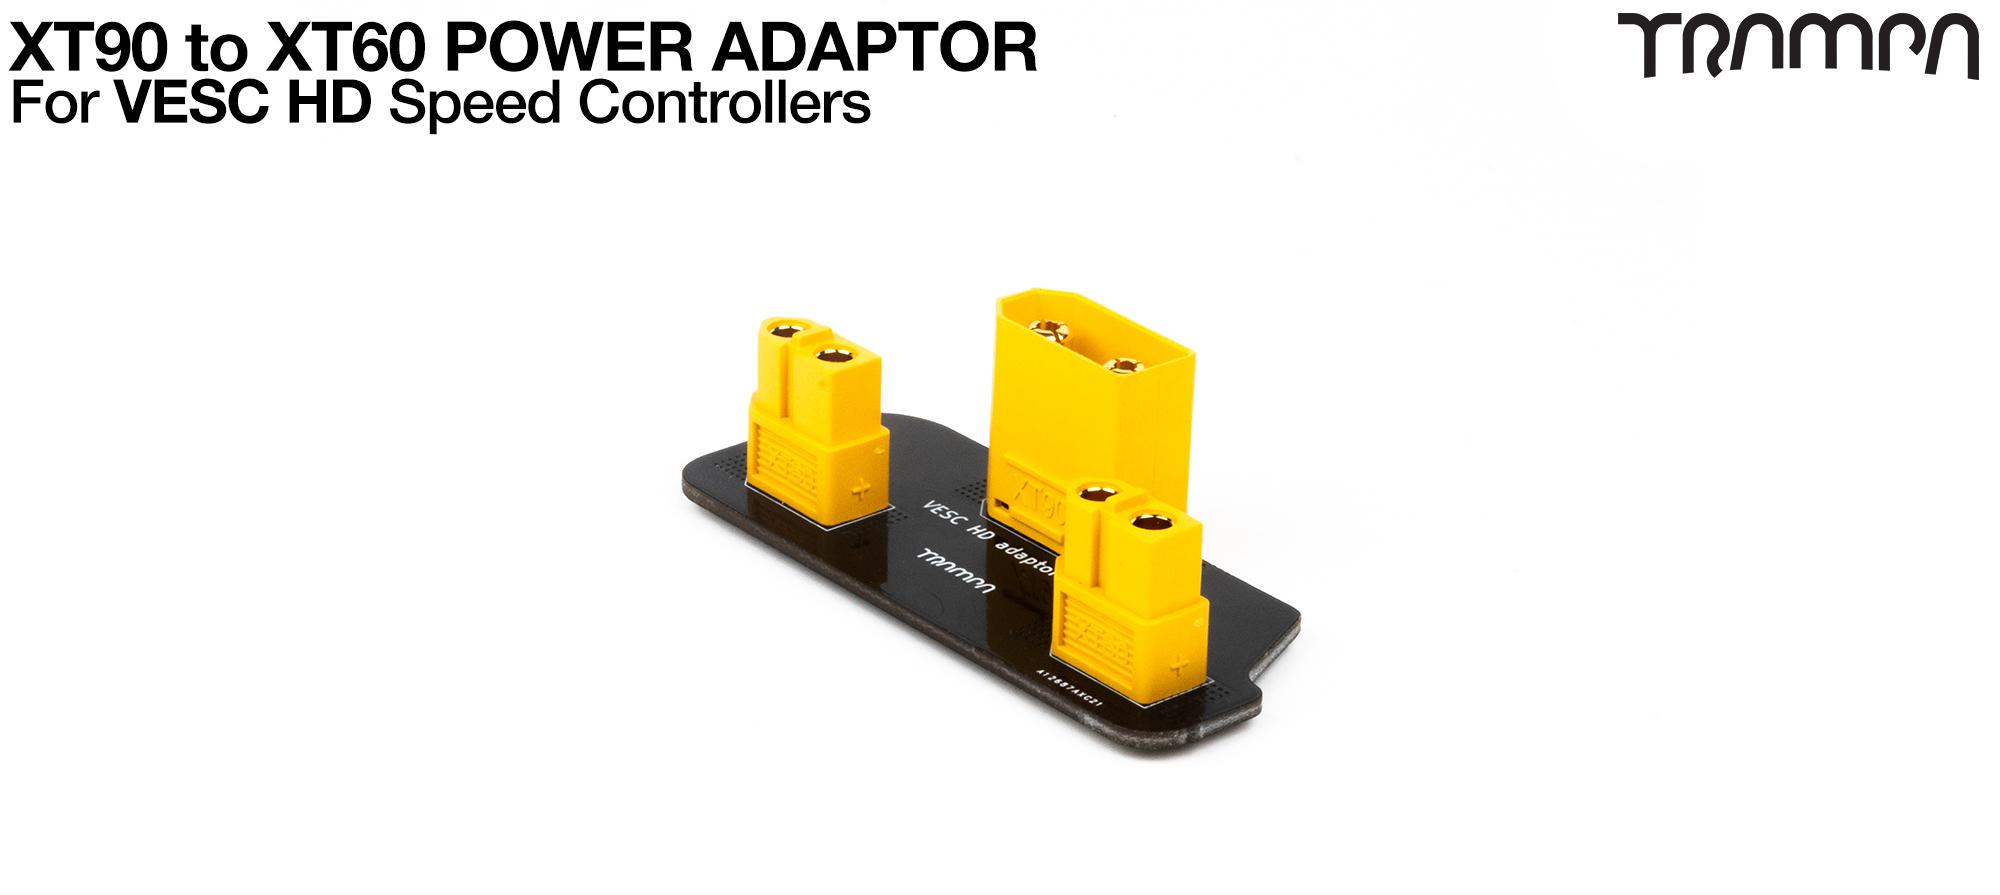 VESC HD XT90 to XT60 Power Adaptor